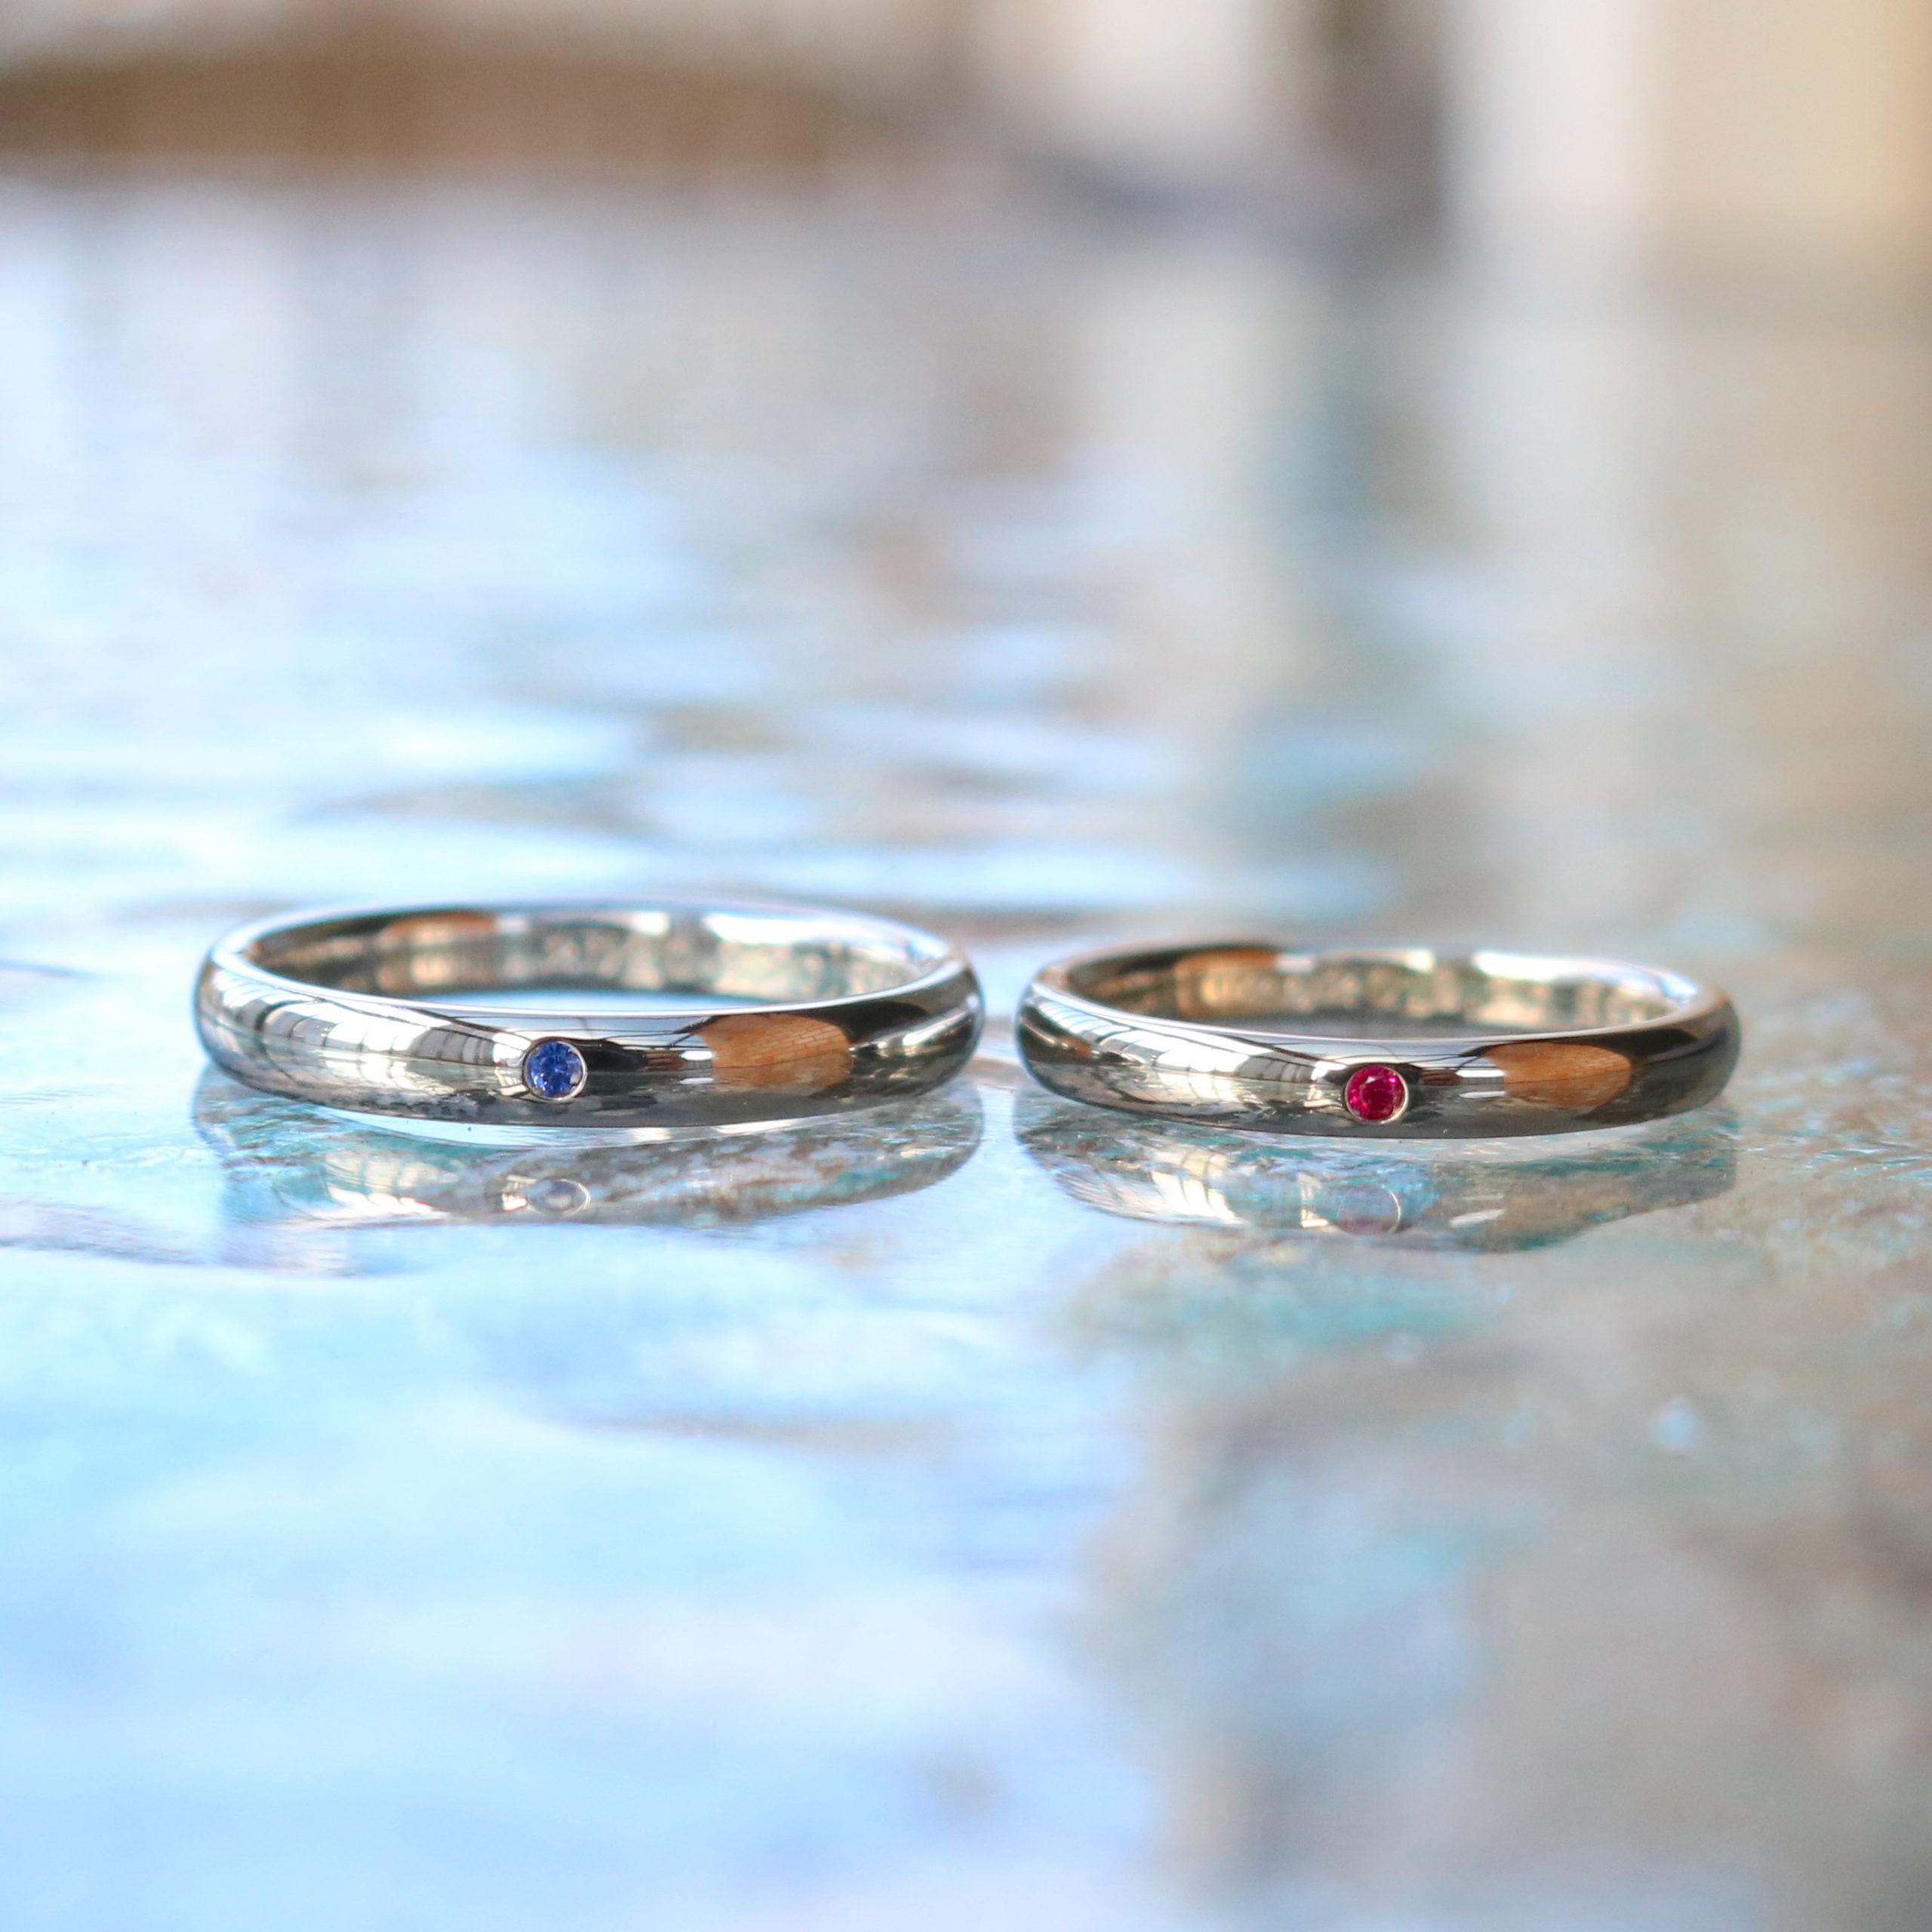 誕生石がワンポイントとして個性的に輝く結婚指輪